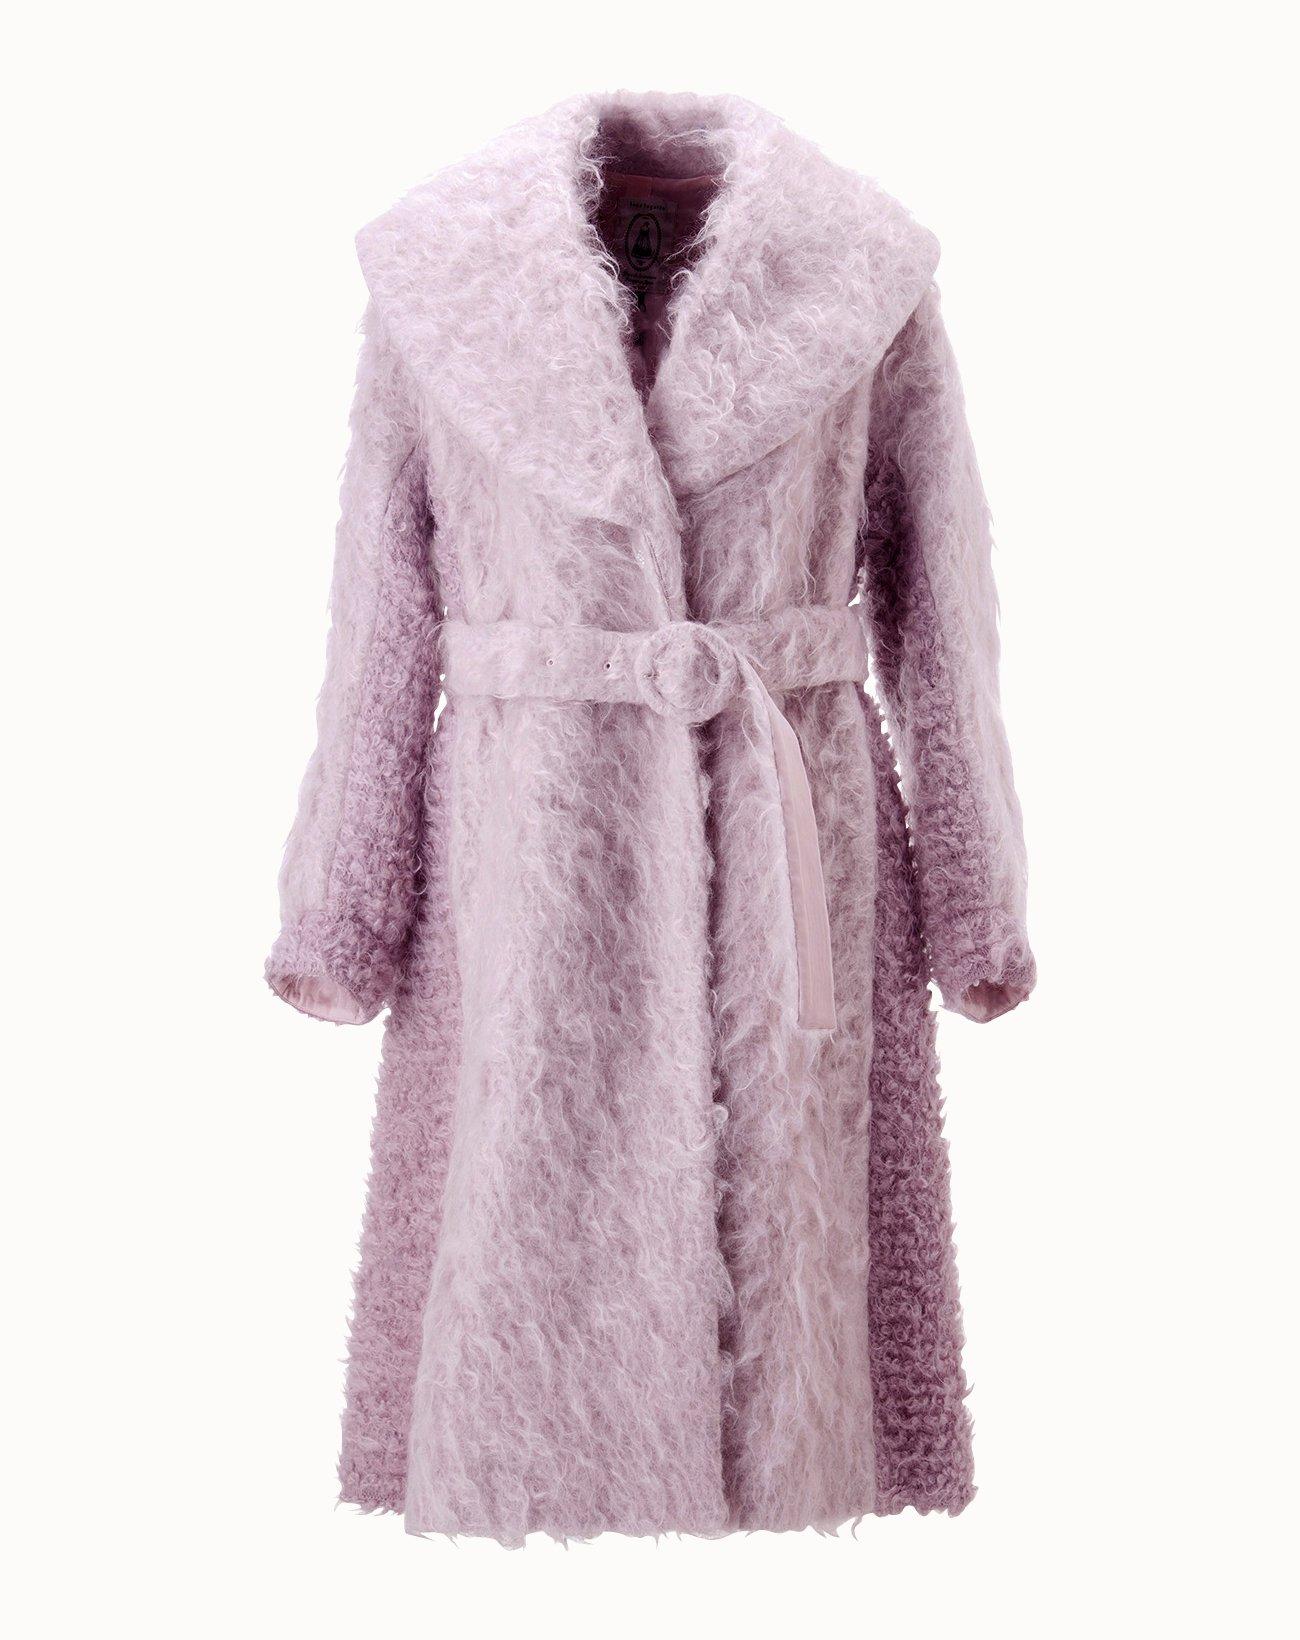 Shaggy Coat - Pink